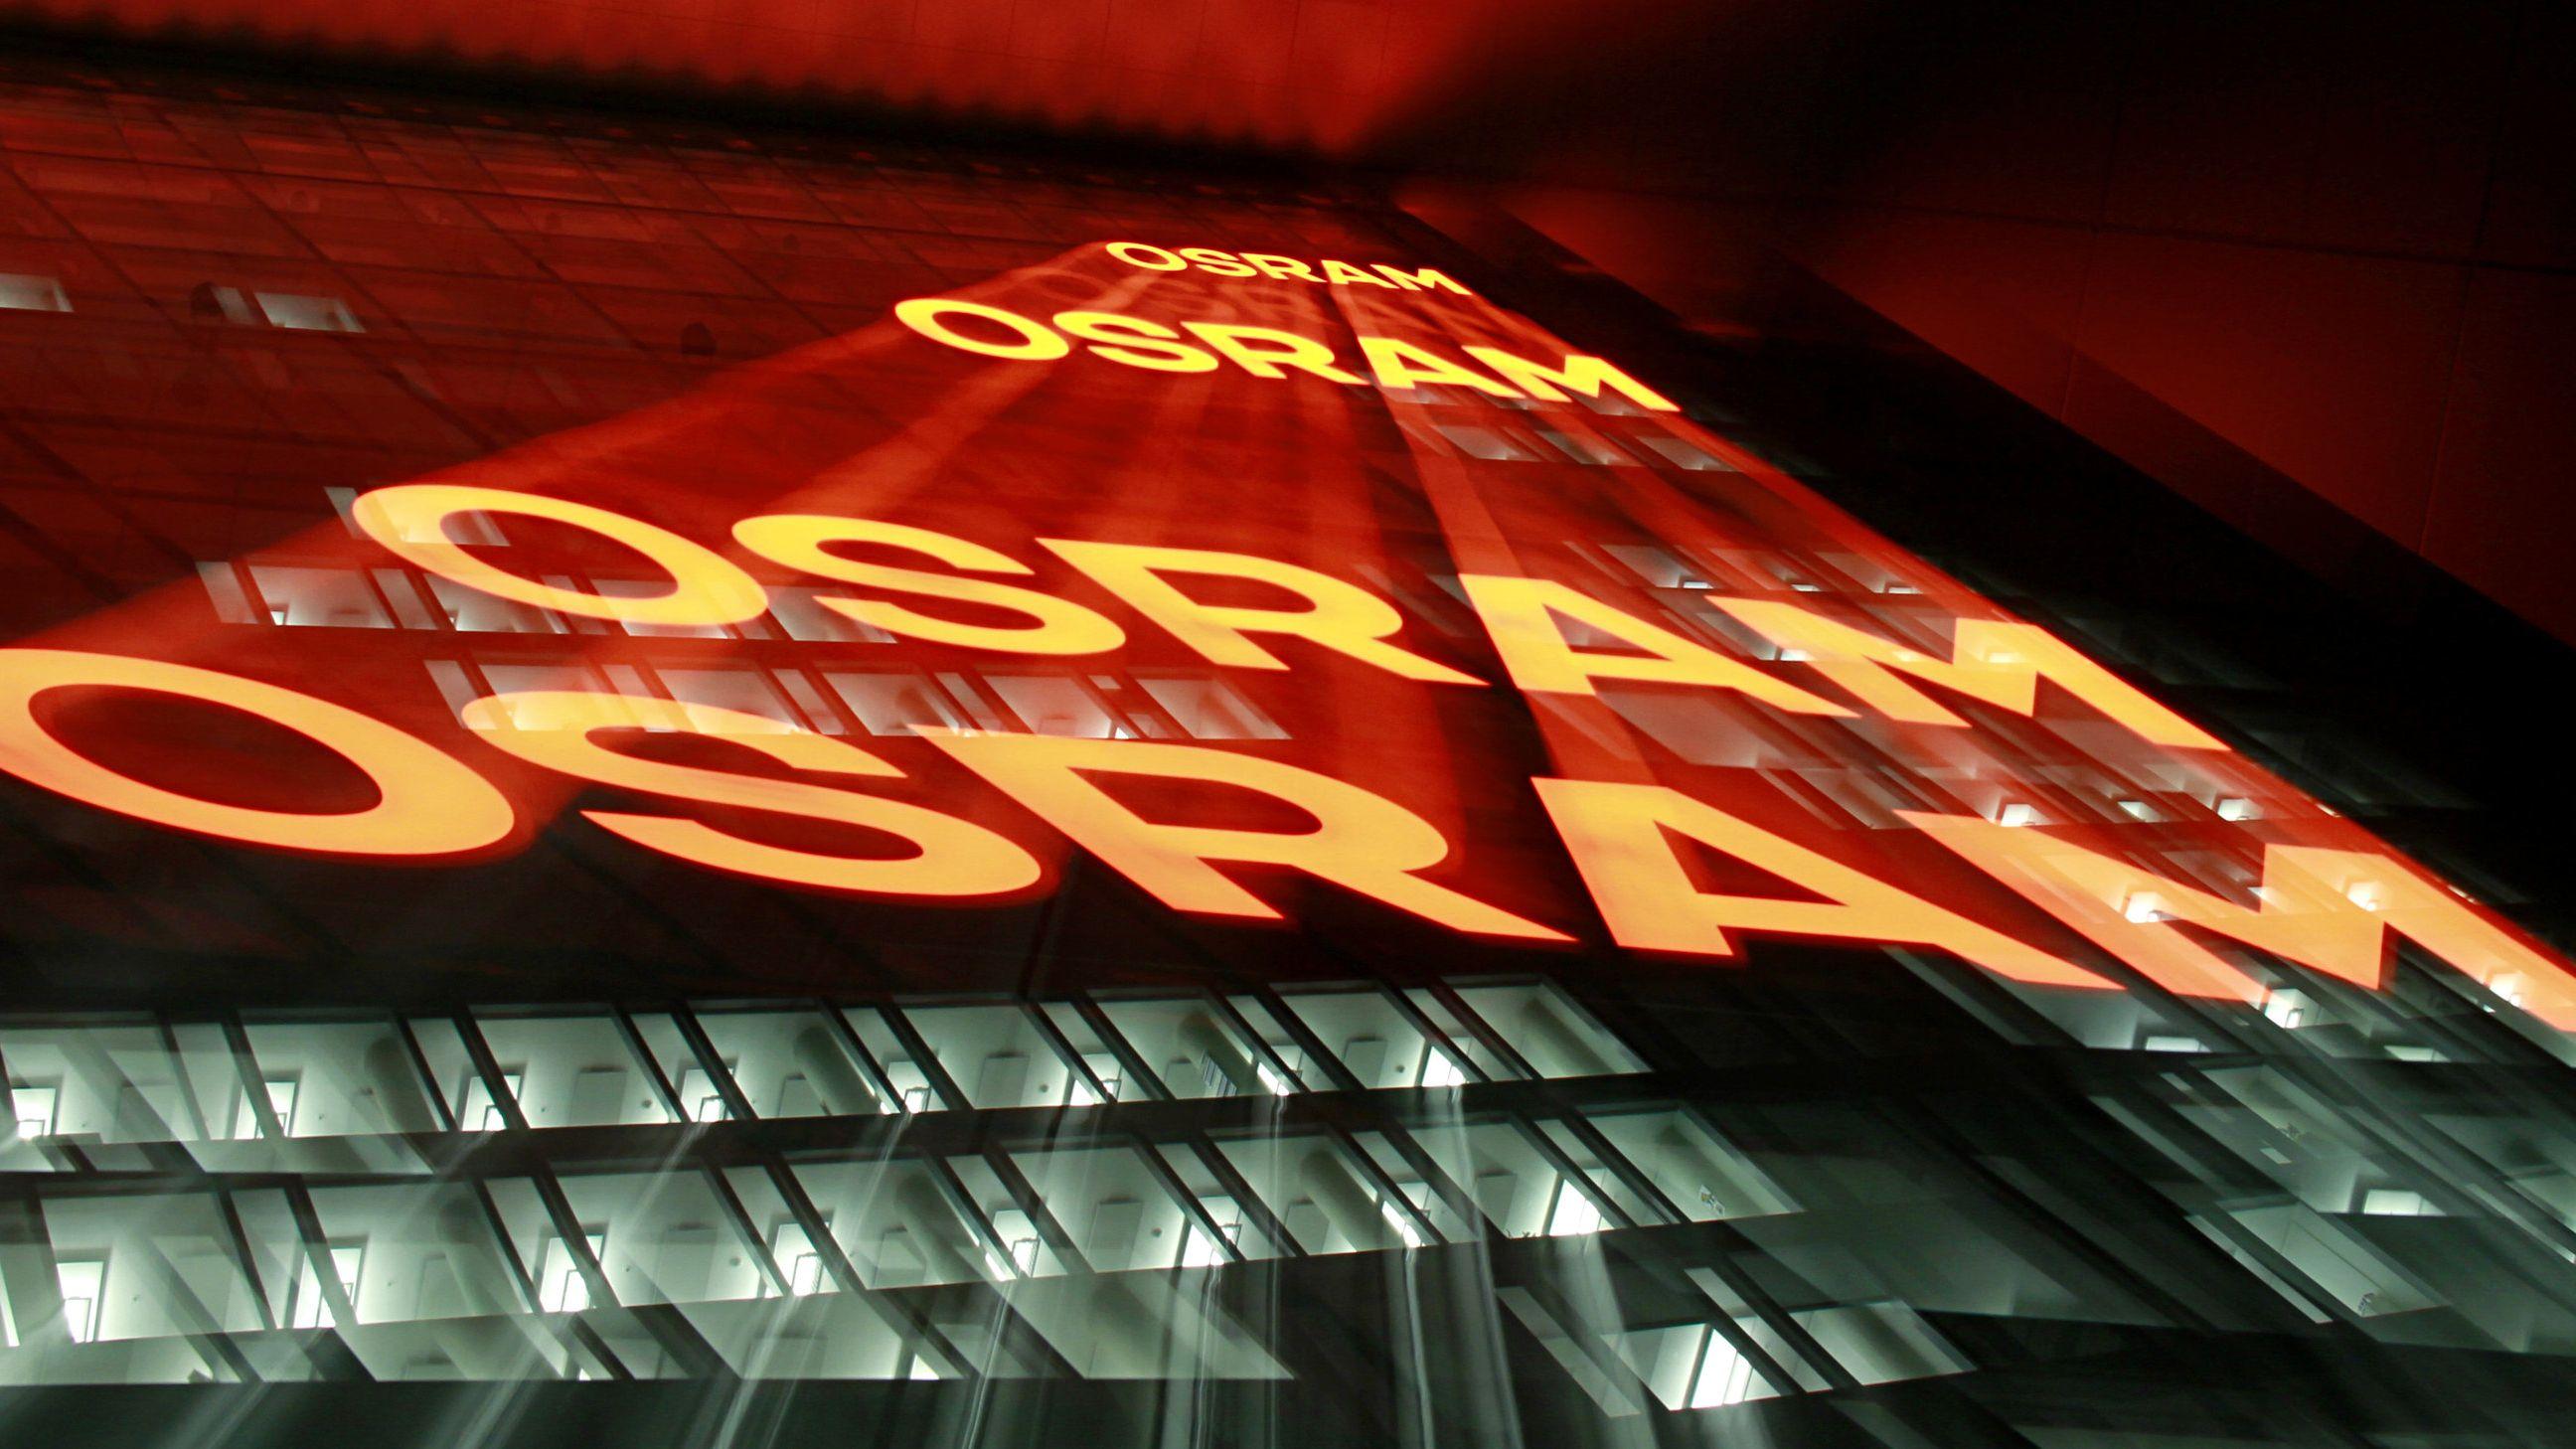 Der Schriftzug Osram wird auf die Zentrale des Unternehmens projiziert